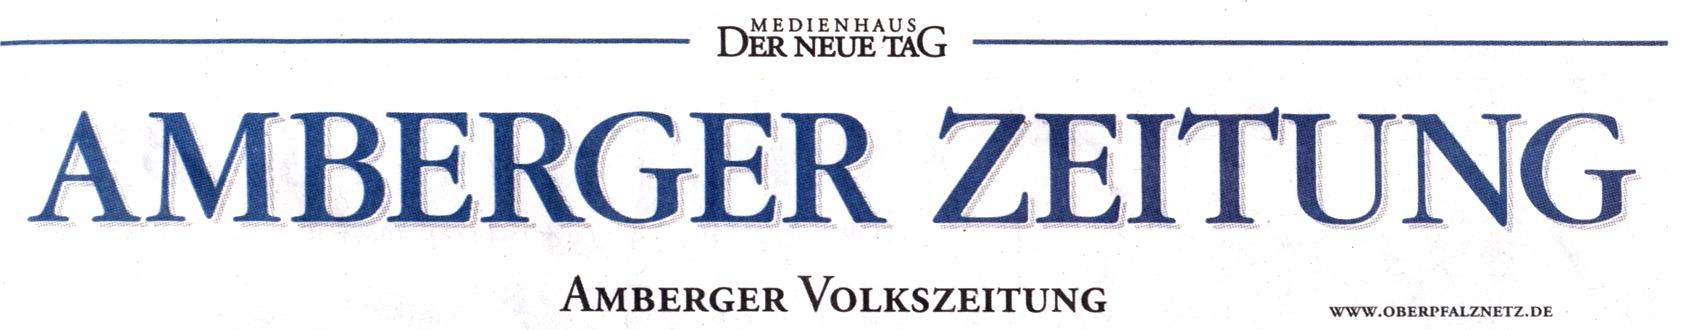 Amberger-Zeitung